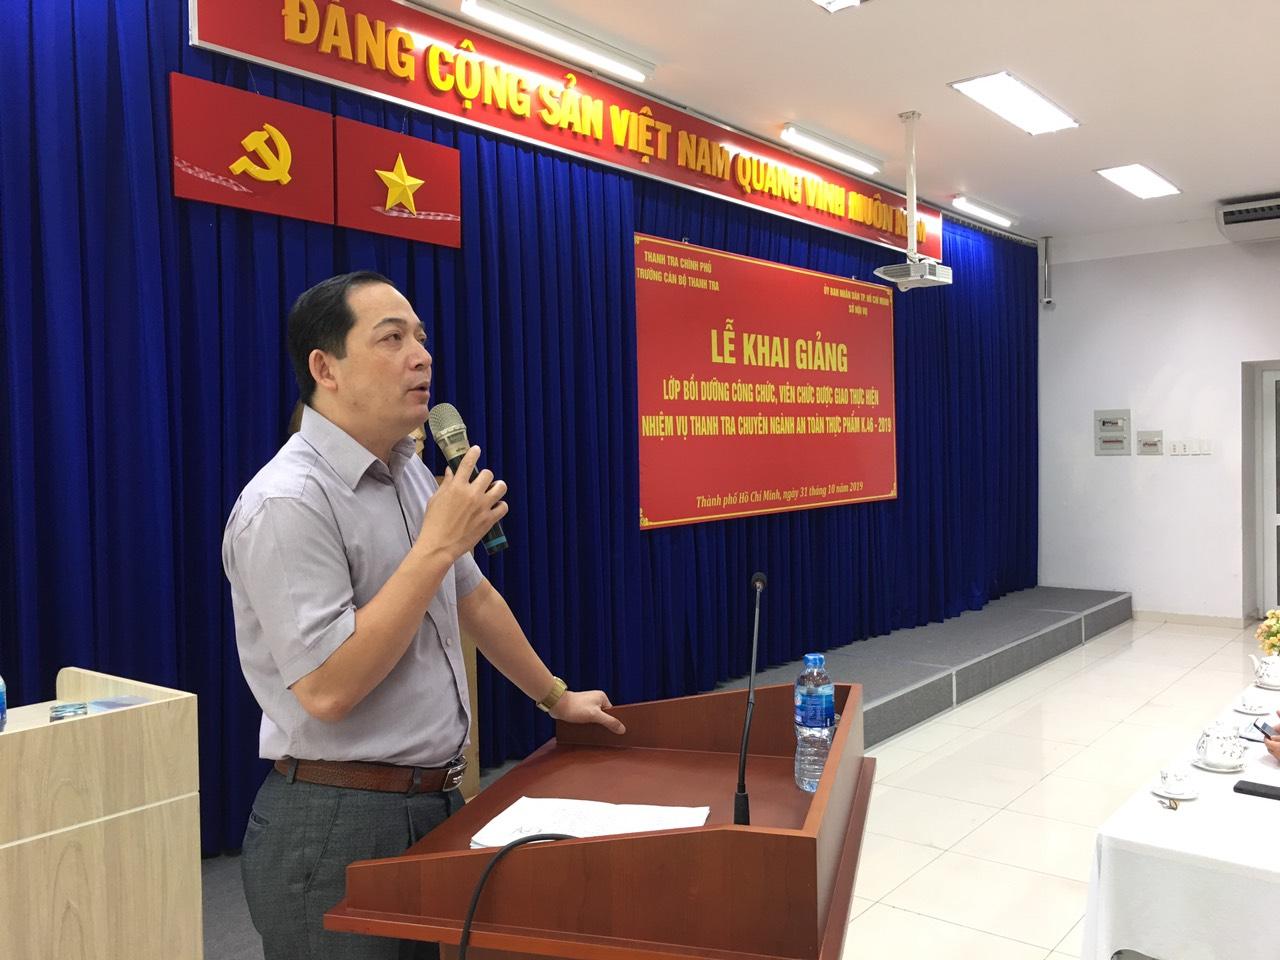 TS Nguyễn Huy Hoàng Phó HT nhà trg phát biểu tại Lễ Khai giảng